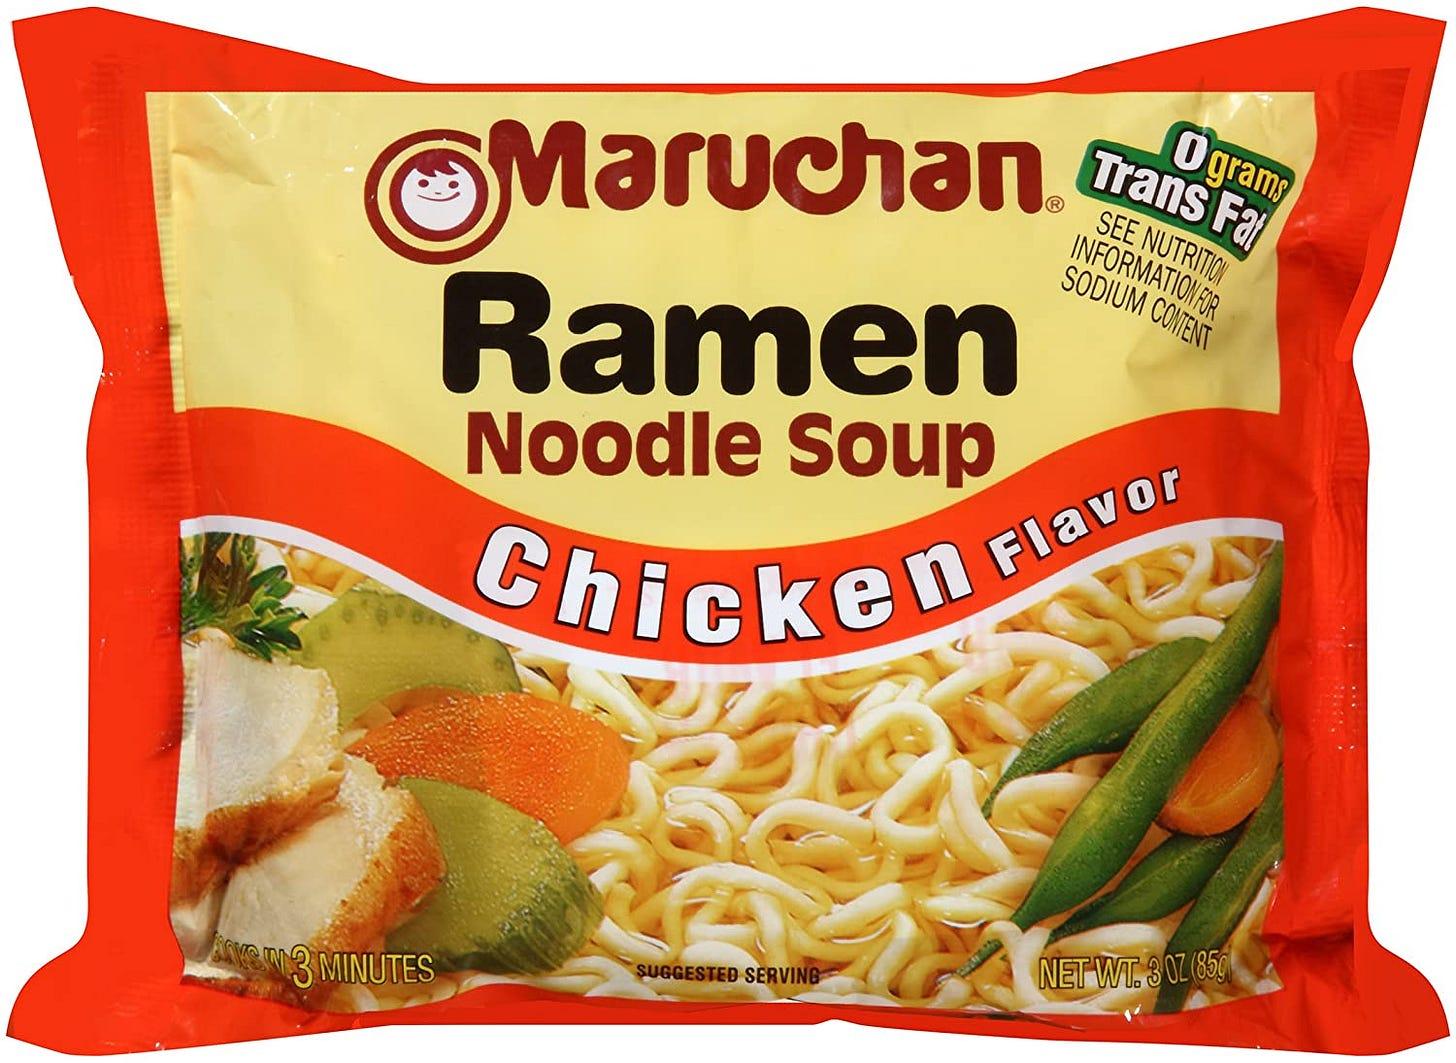 Maruchan Ramen Noodle Soup - 36/3oz: Amazon.ca: Grocery